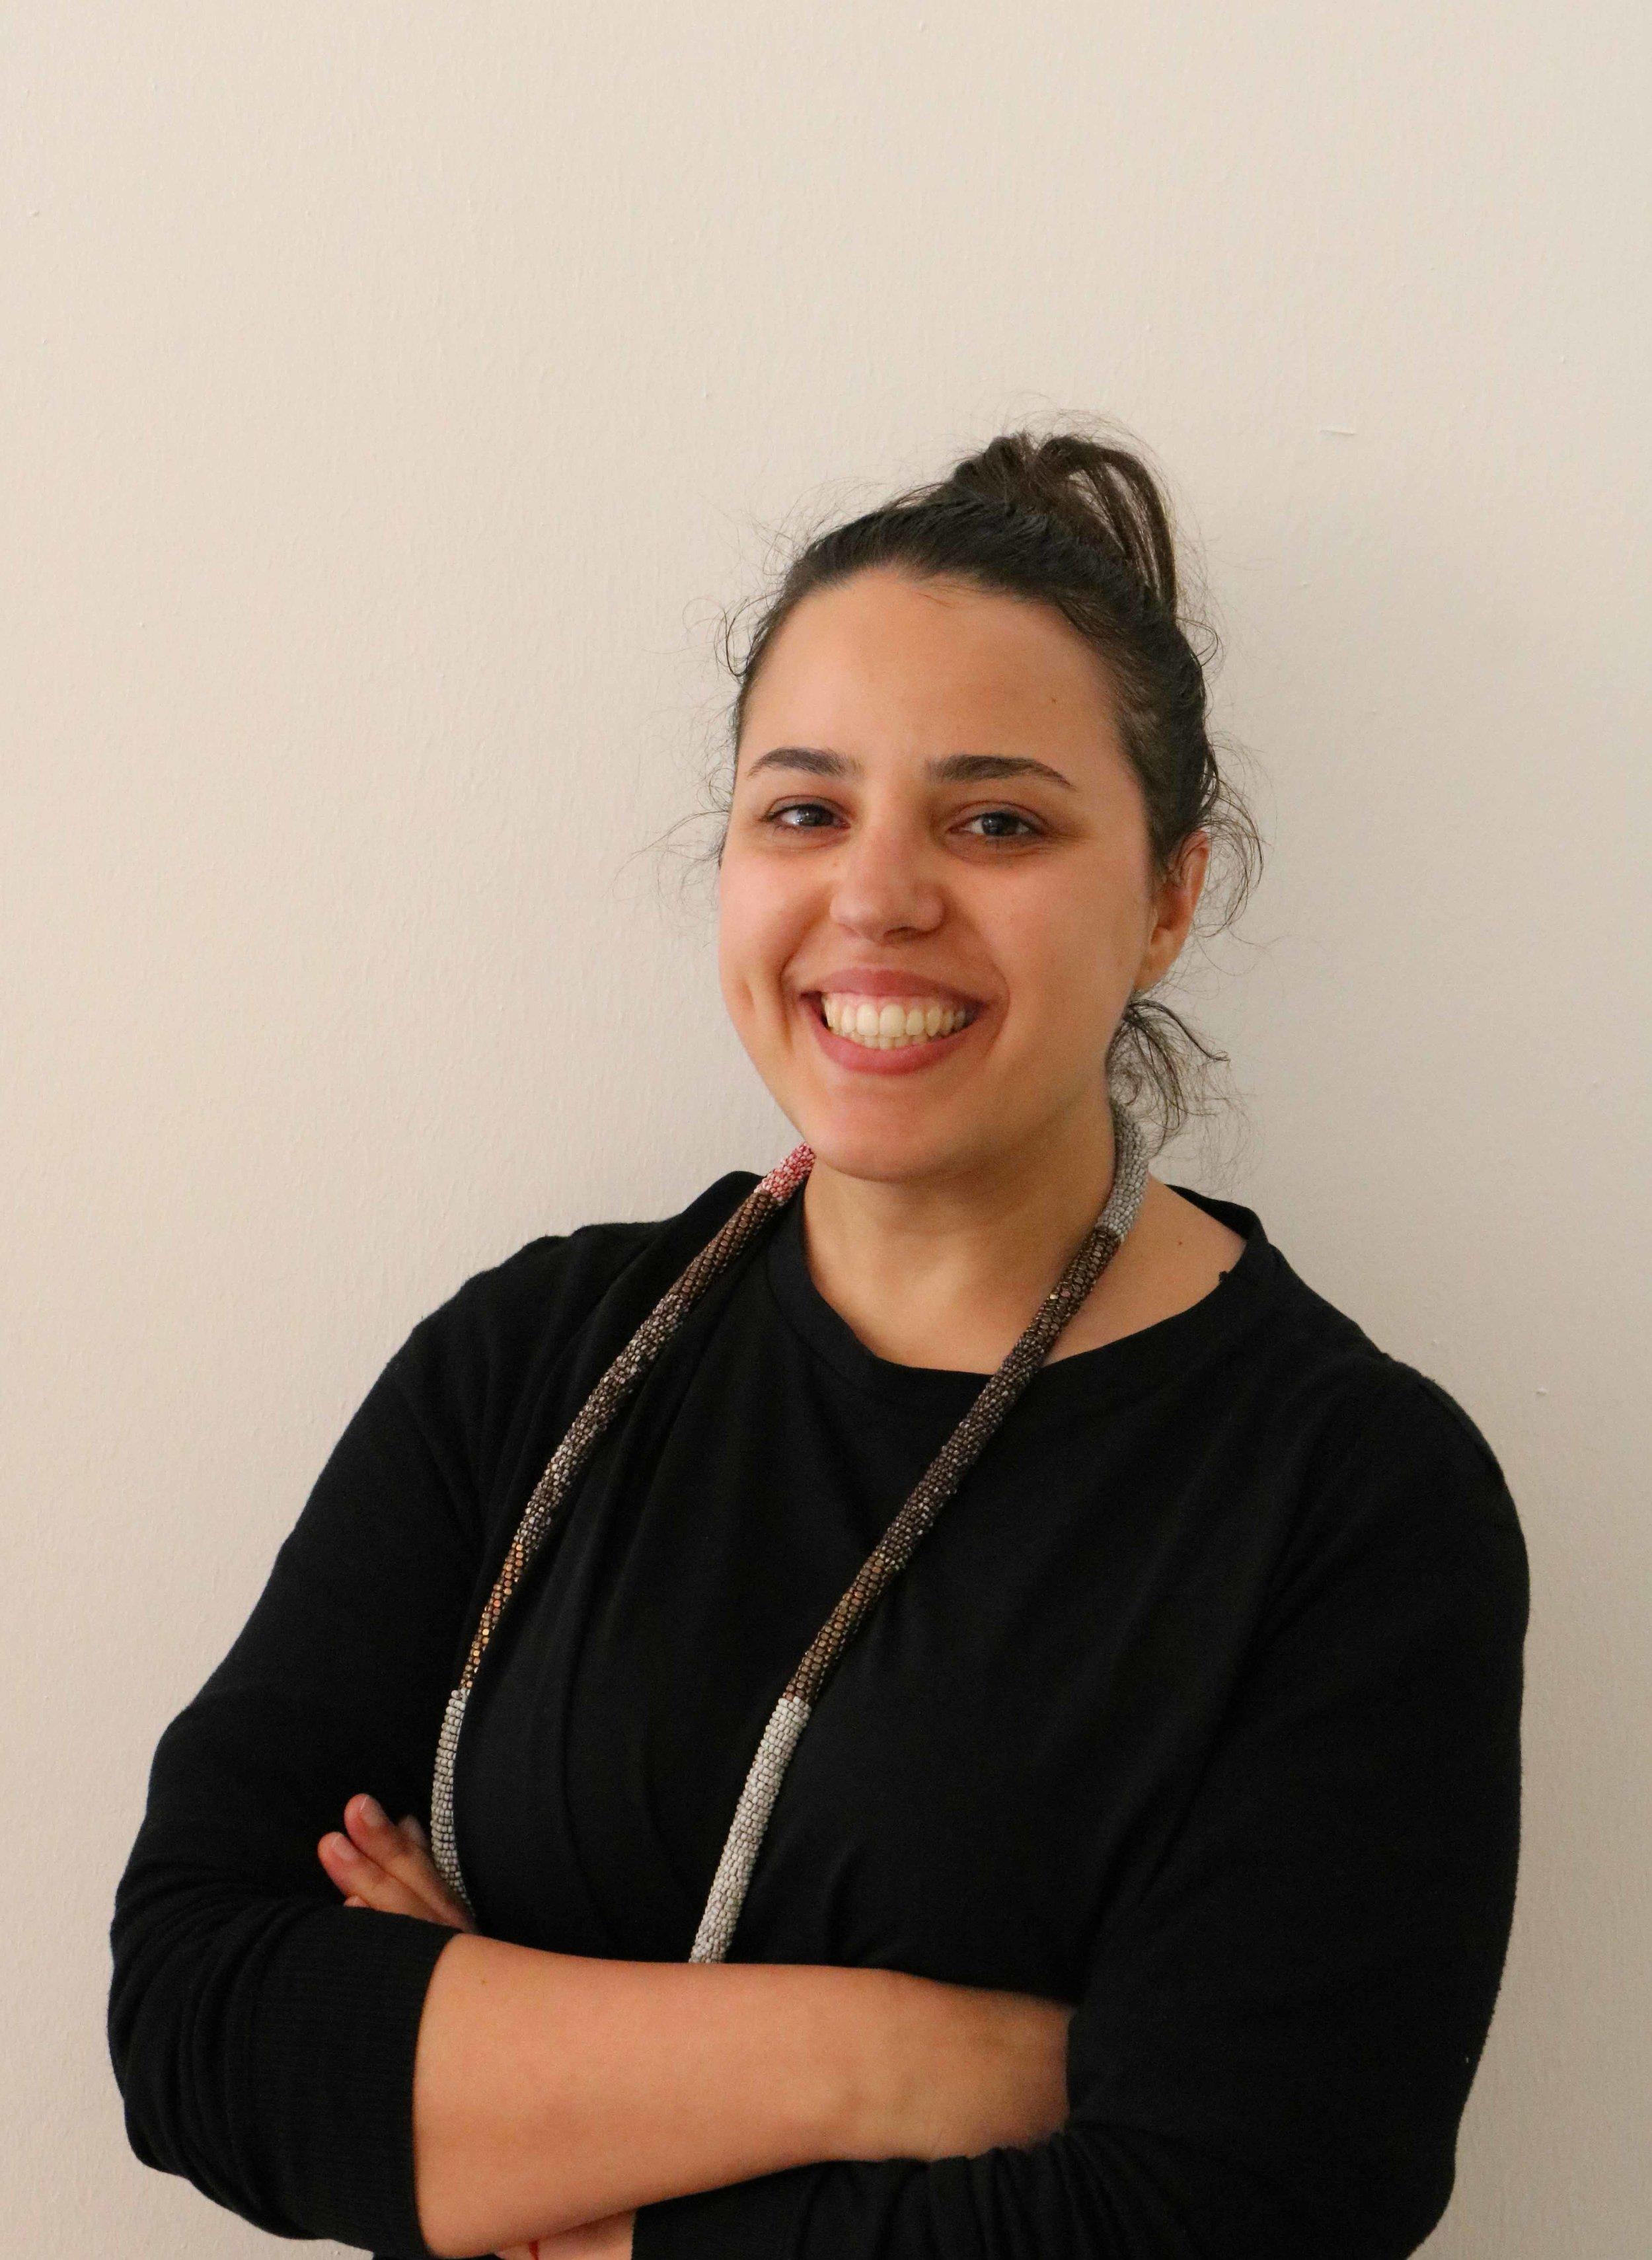 Gisella Birardi Architetto & BIM Specialist